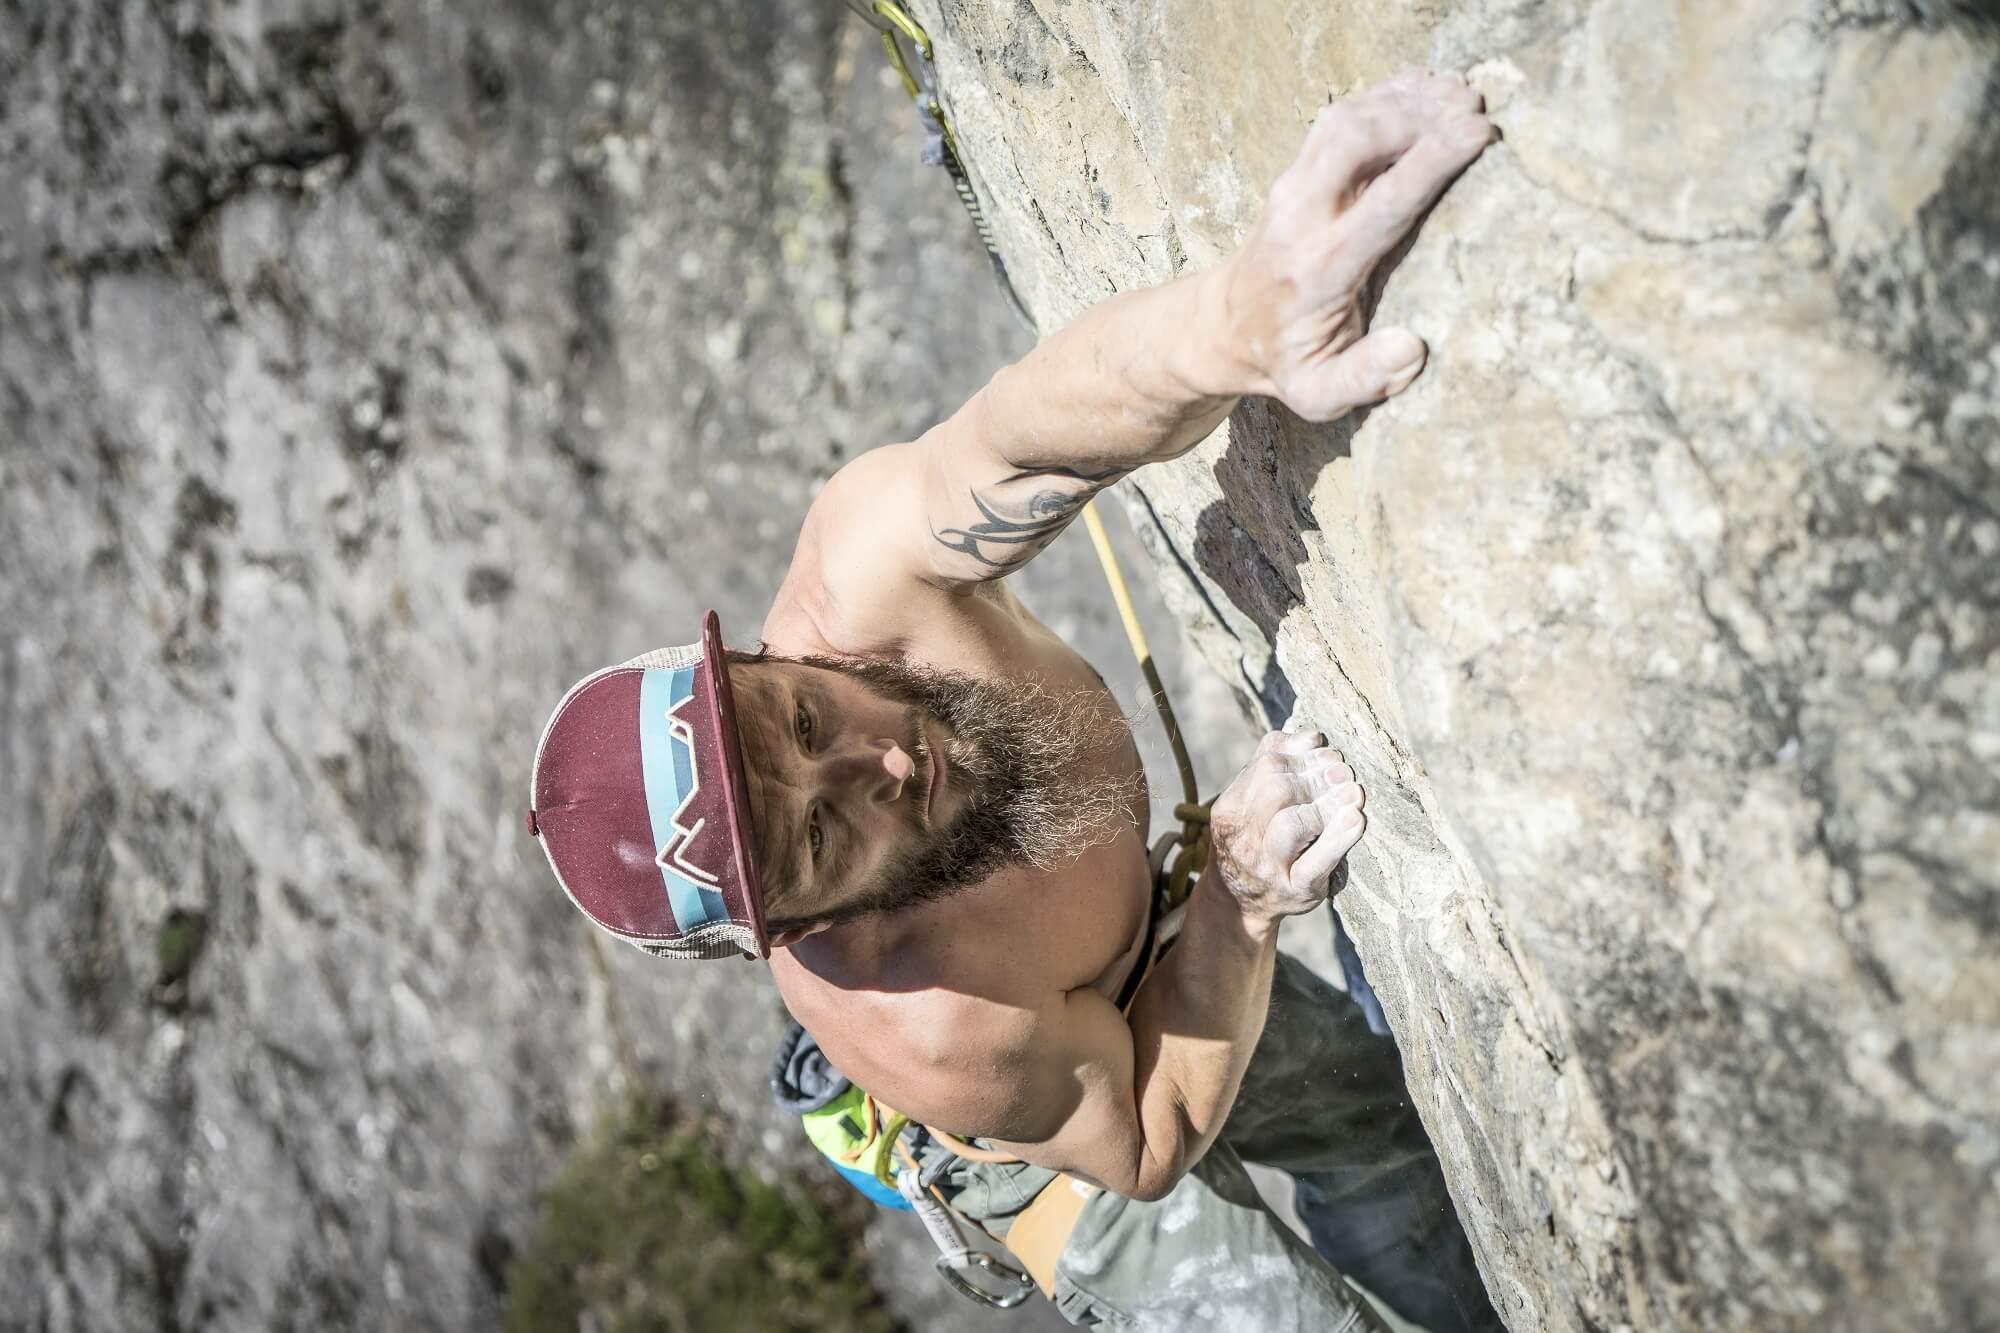 Austrialpin Klettergurt : Kletterteam meeting austrialpin